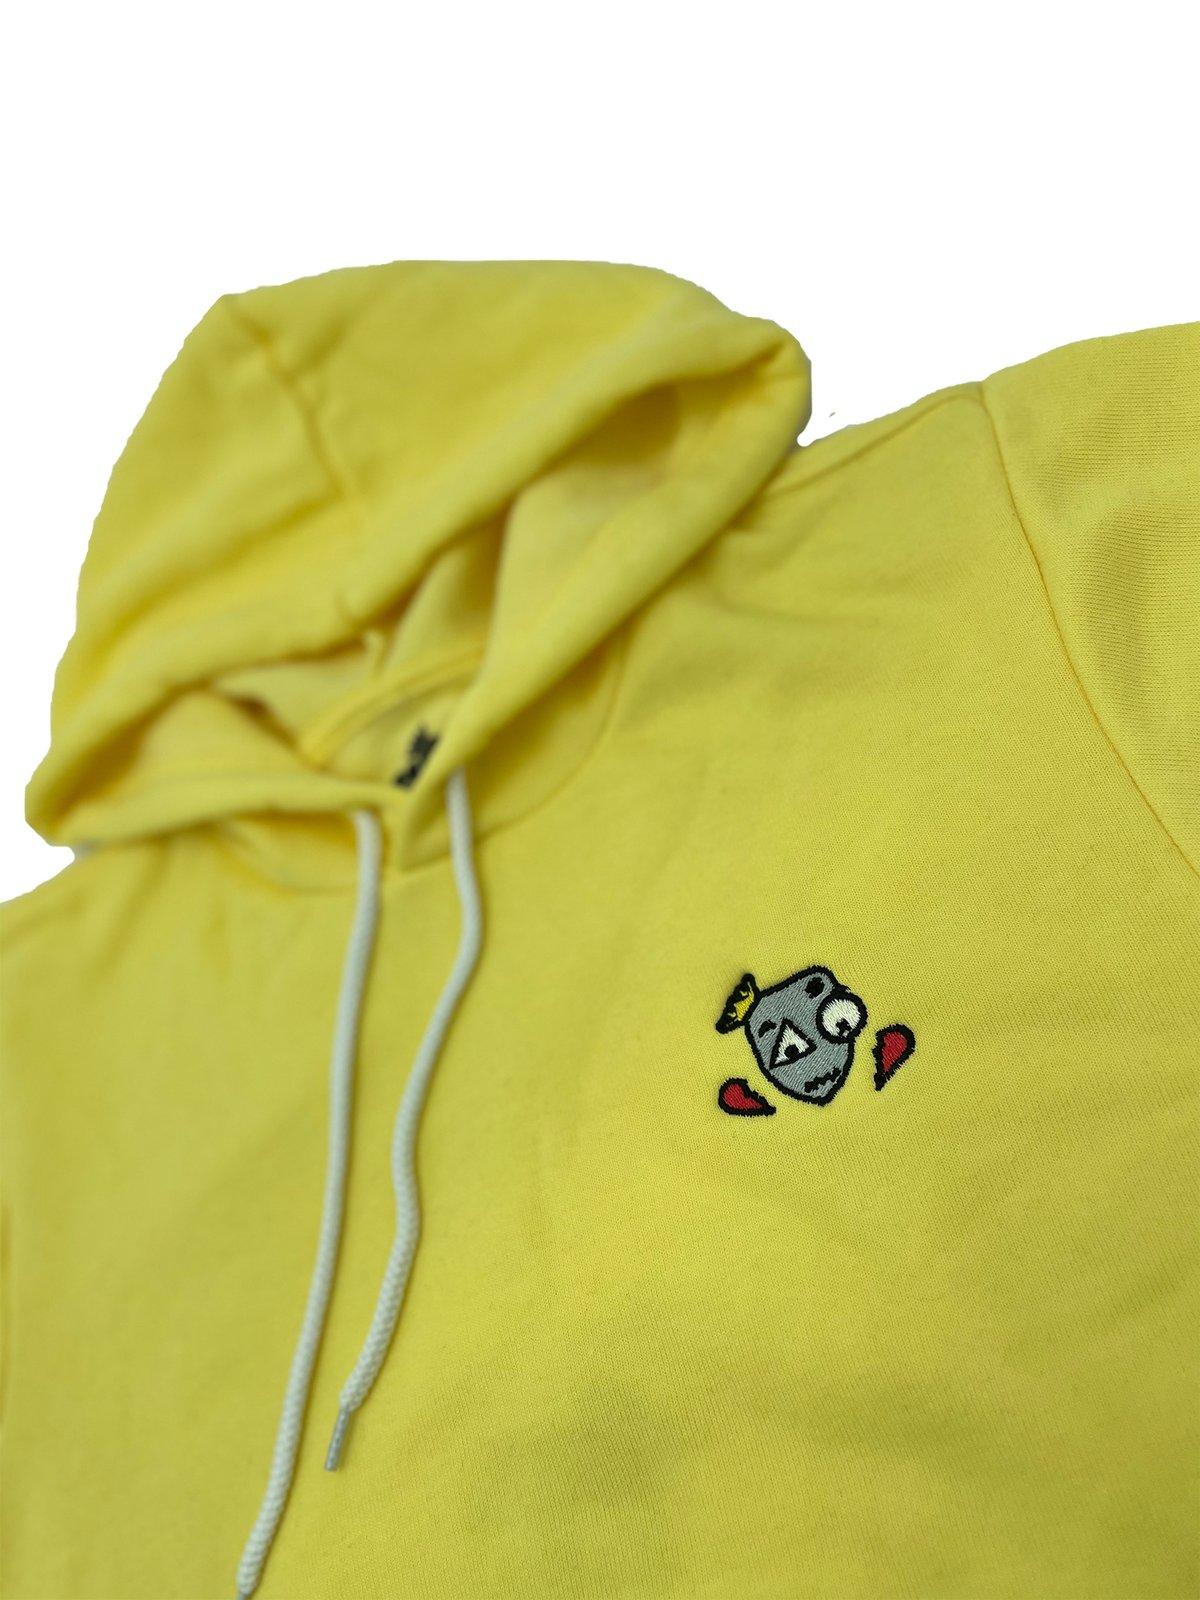 Image of Speak FB Hoodie yellow